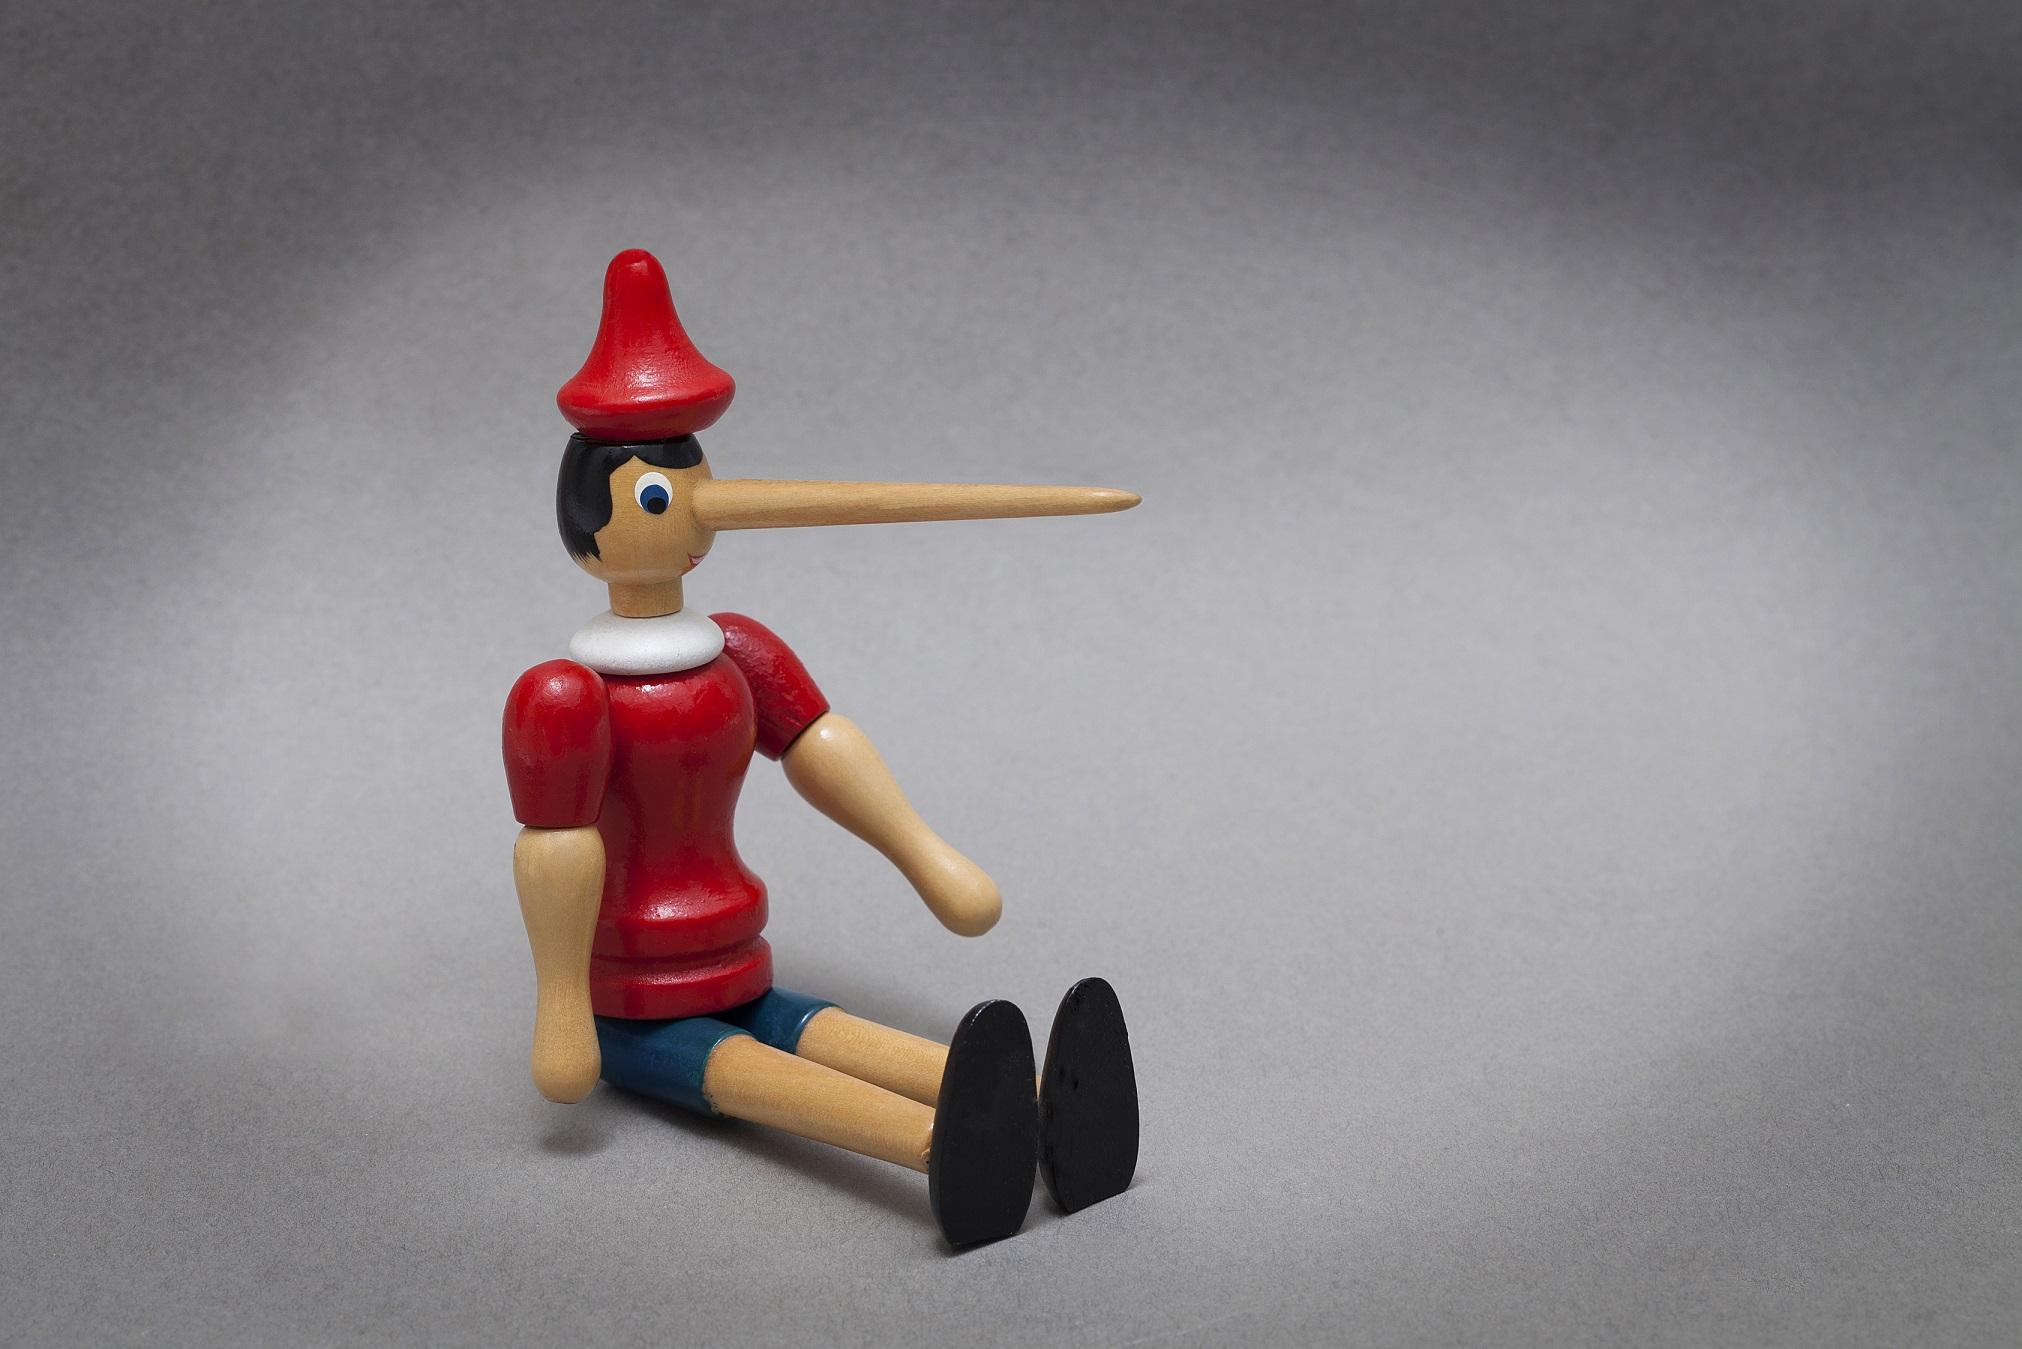 Betrügen borderline lügen Fromms Charakterorientierungen